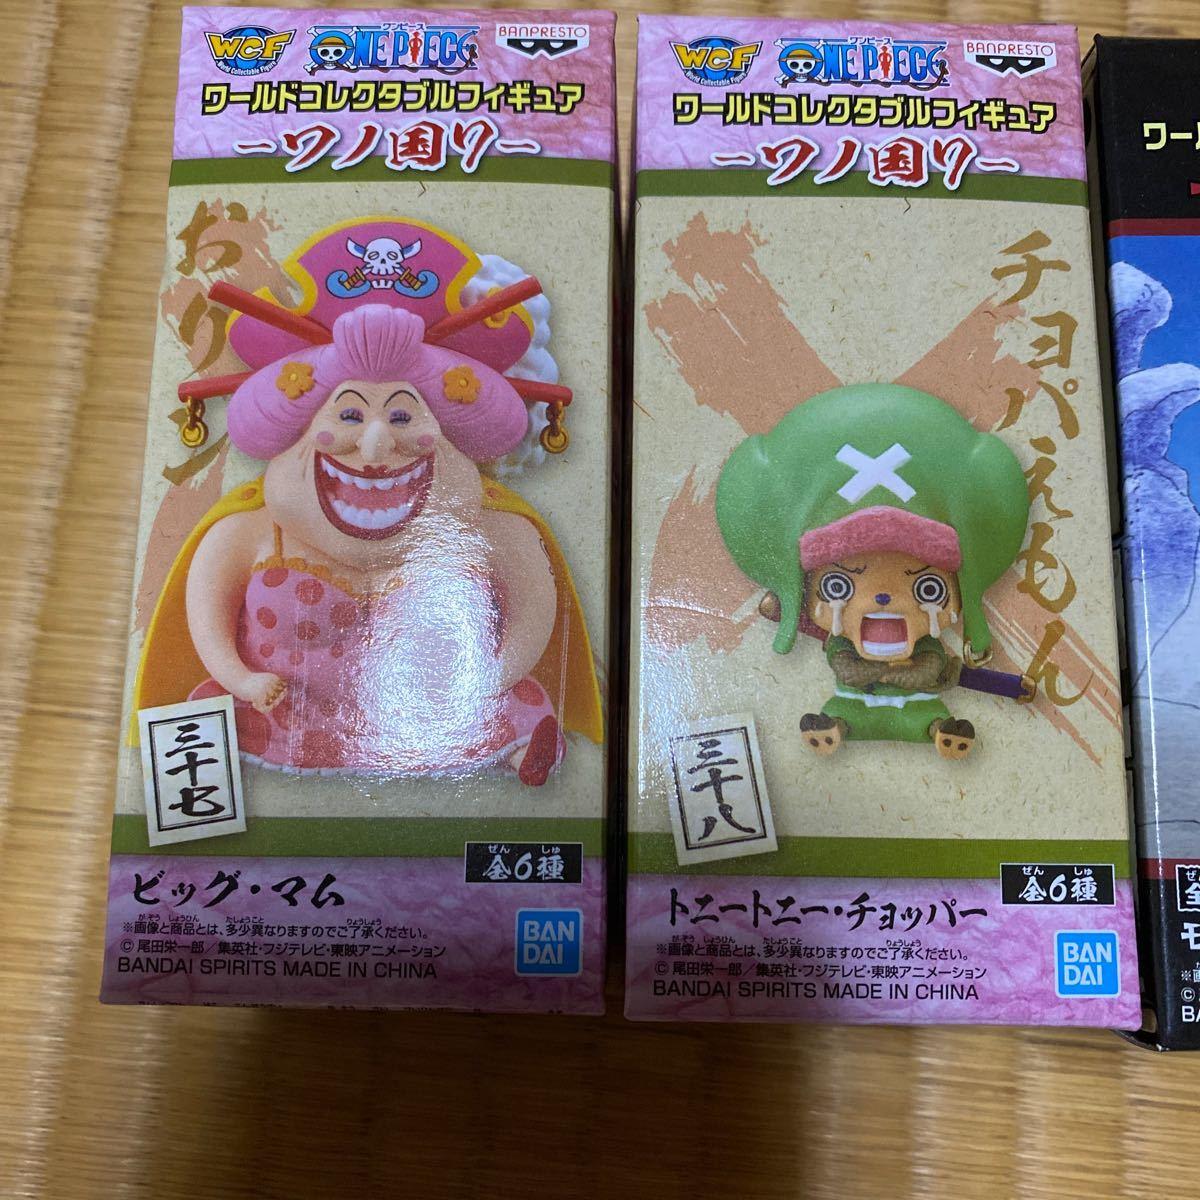 ワールドコレクタブルフィギュア ONE PIECE  ビッグマム チョパえもん ドラゴン 3種類セット ワンピース  ワーコレ